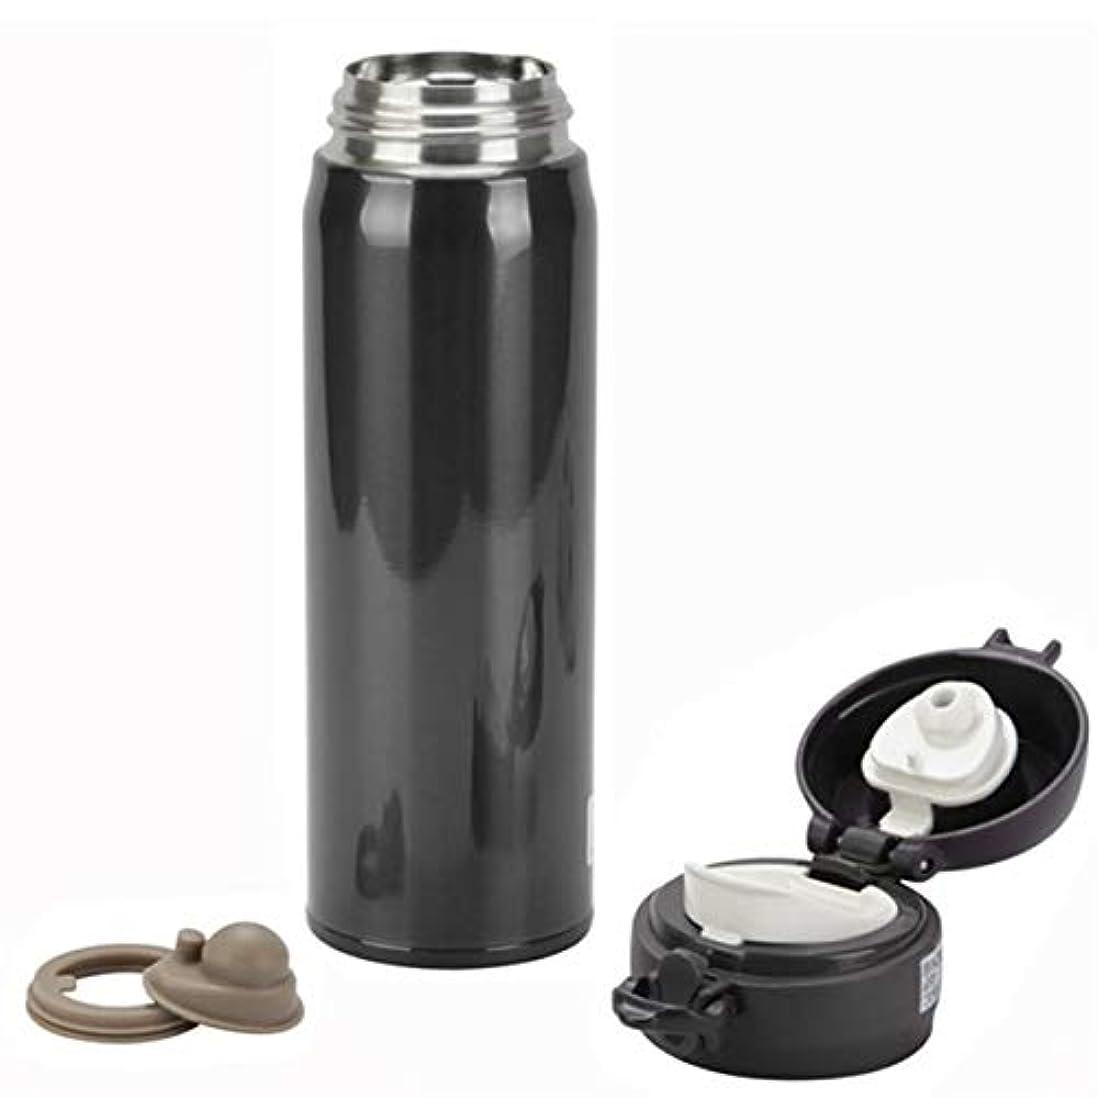 利得小包スケルトンSaikogoods 真空カップ 450ミリリットル ステンレス鋼 ウォーターボトル 飲料ボトル 断熱カップ ポットを保つ運動をする ソリッドカラー シンプルなデザイン 黒